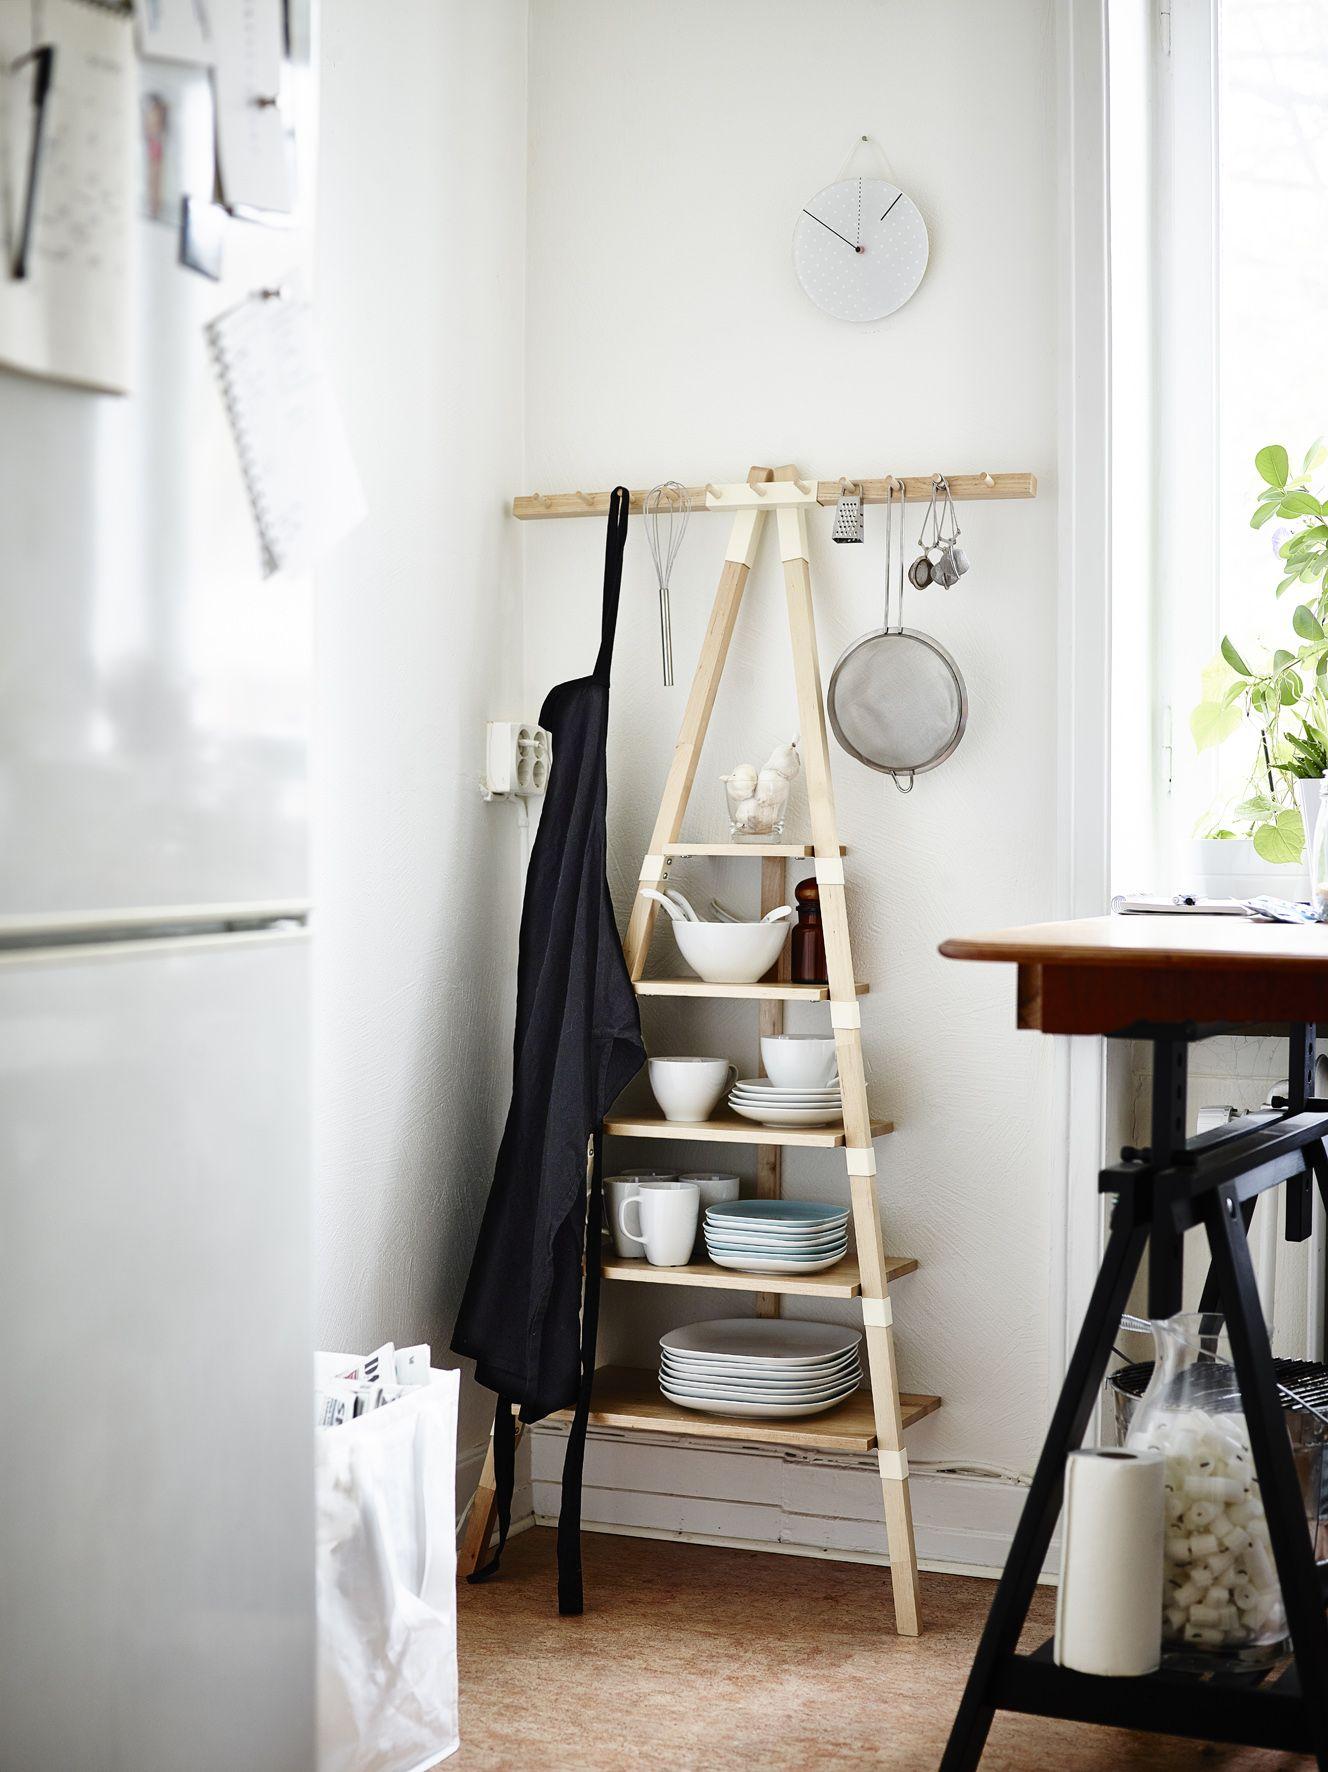 207b0db87908c9bccf50b5f65007ed6d Frais De Table Bois Ikea Des Idées